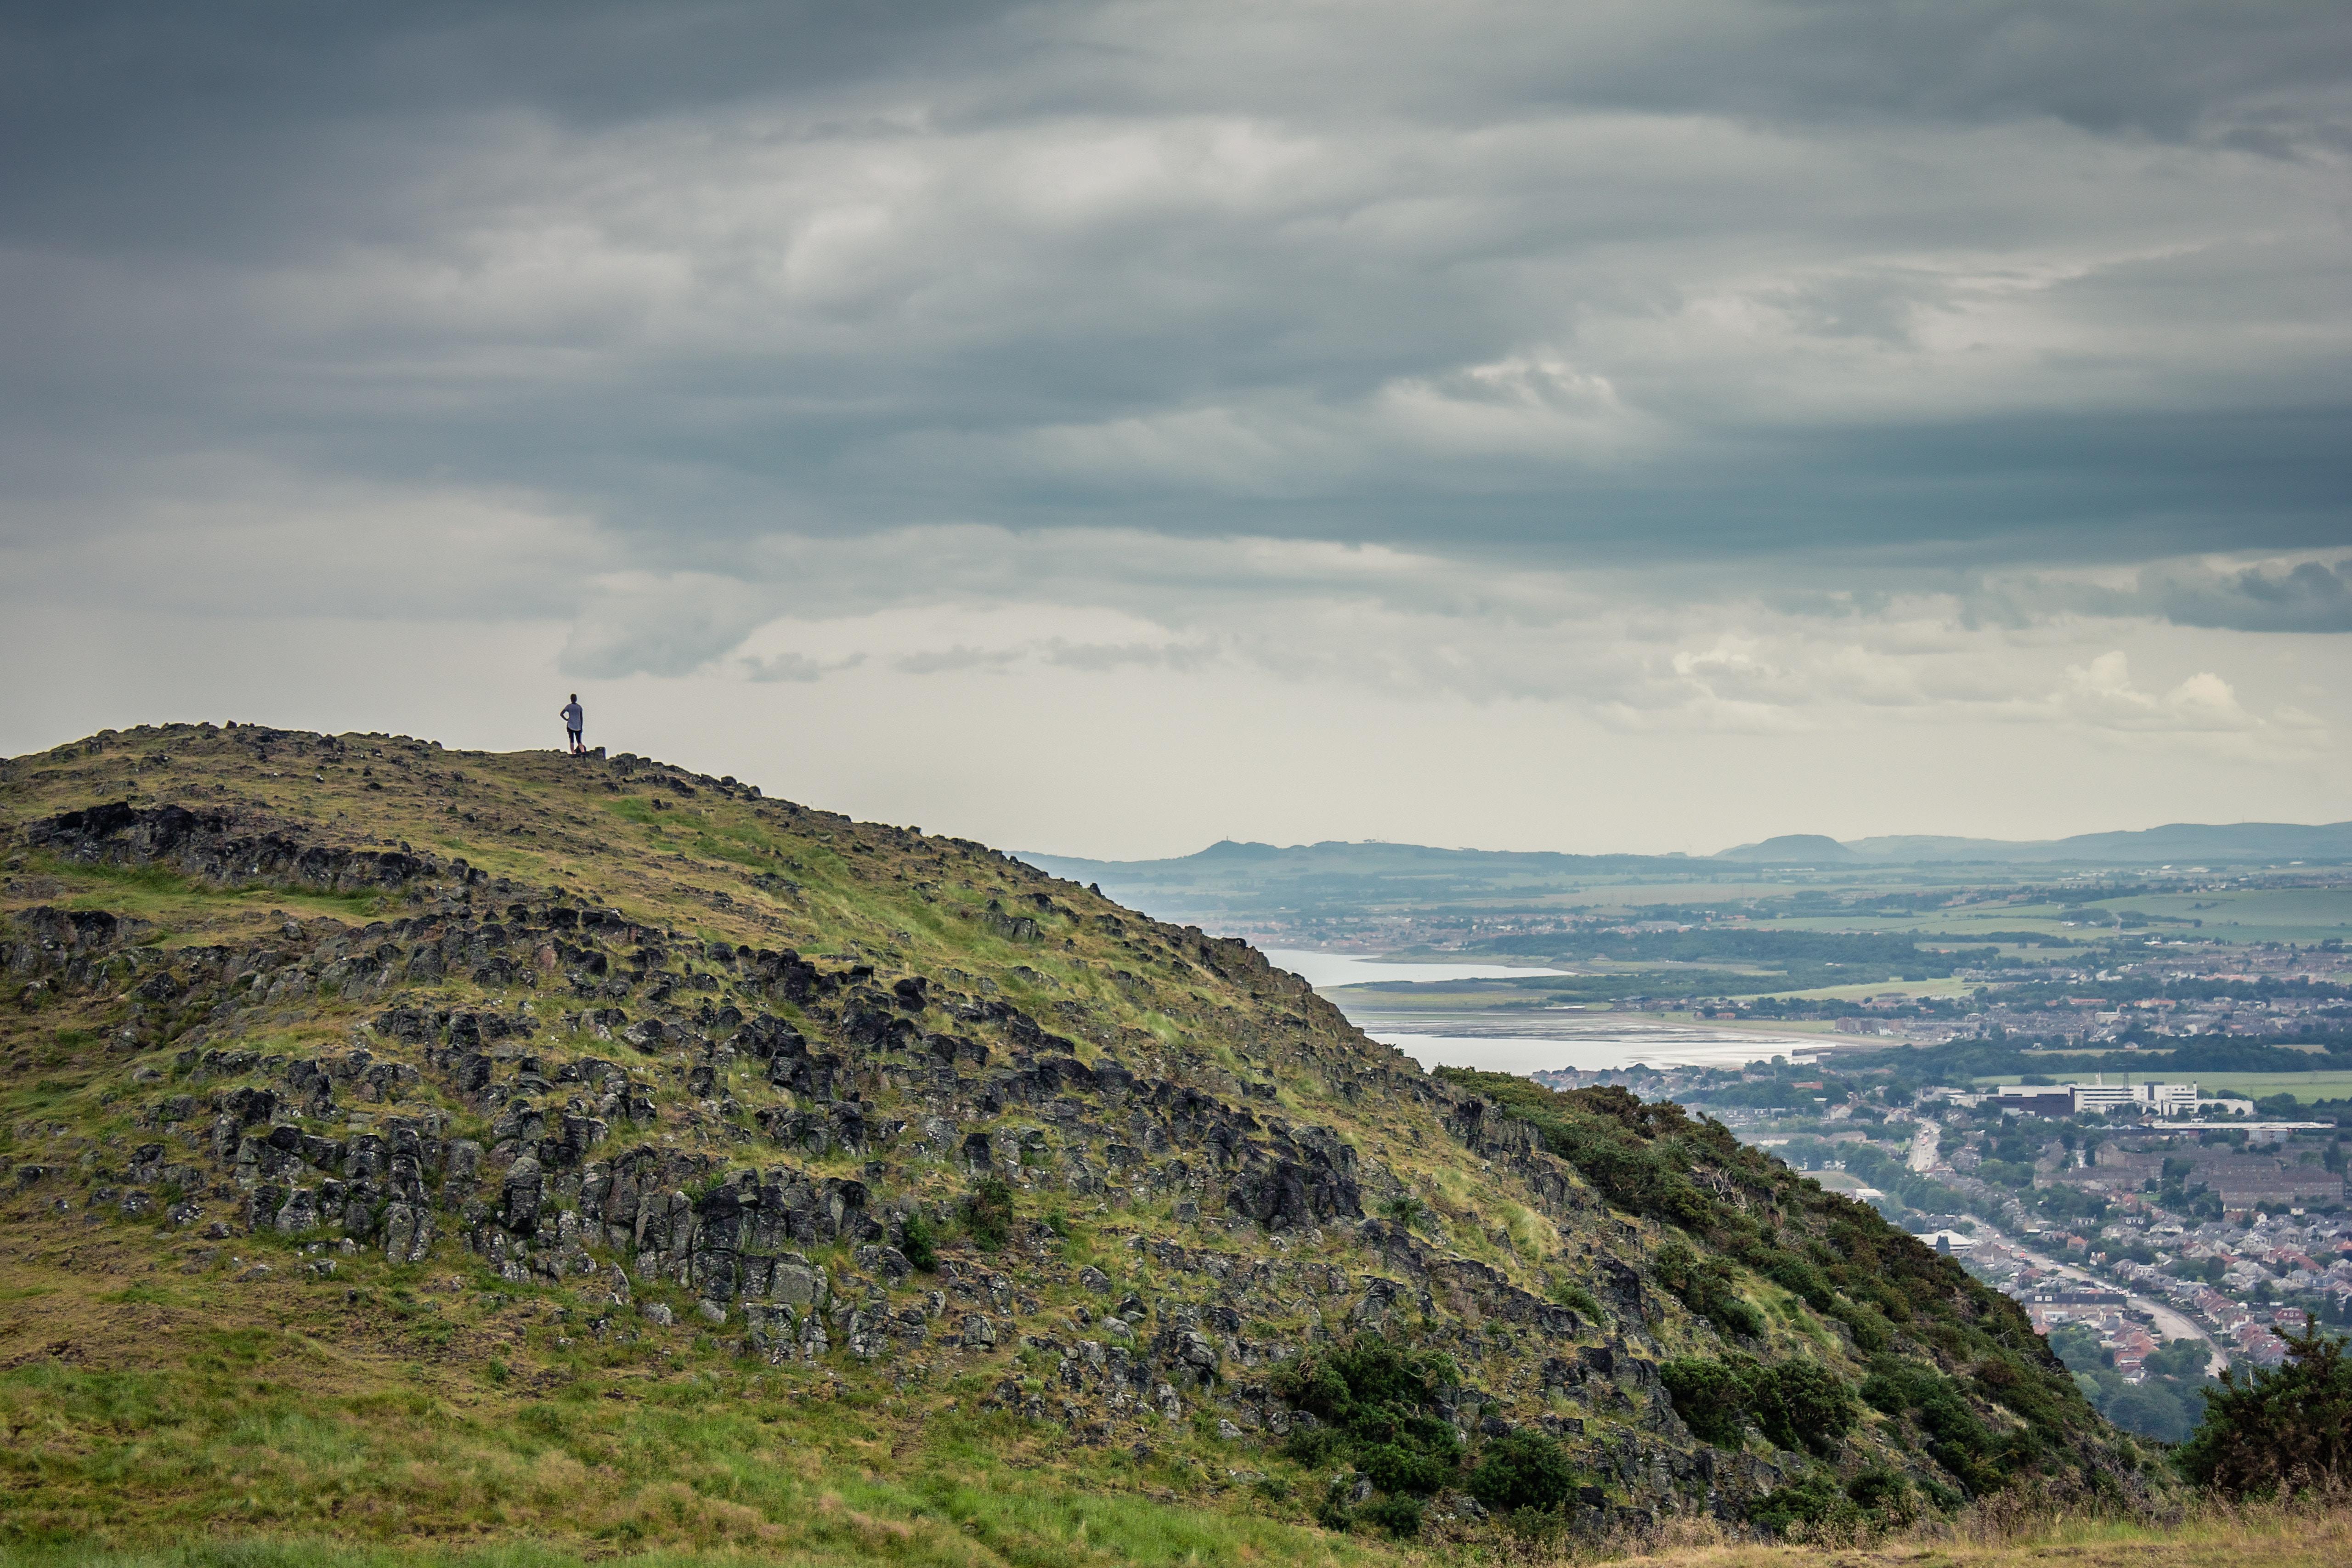 Arthur's Peak